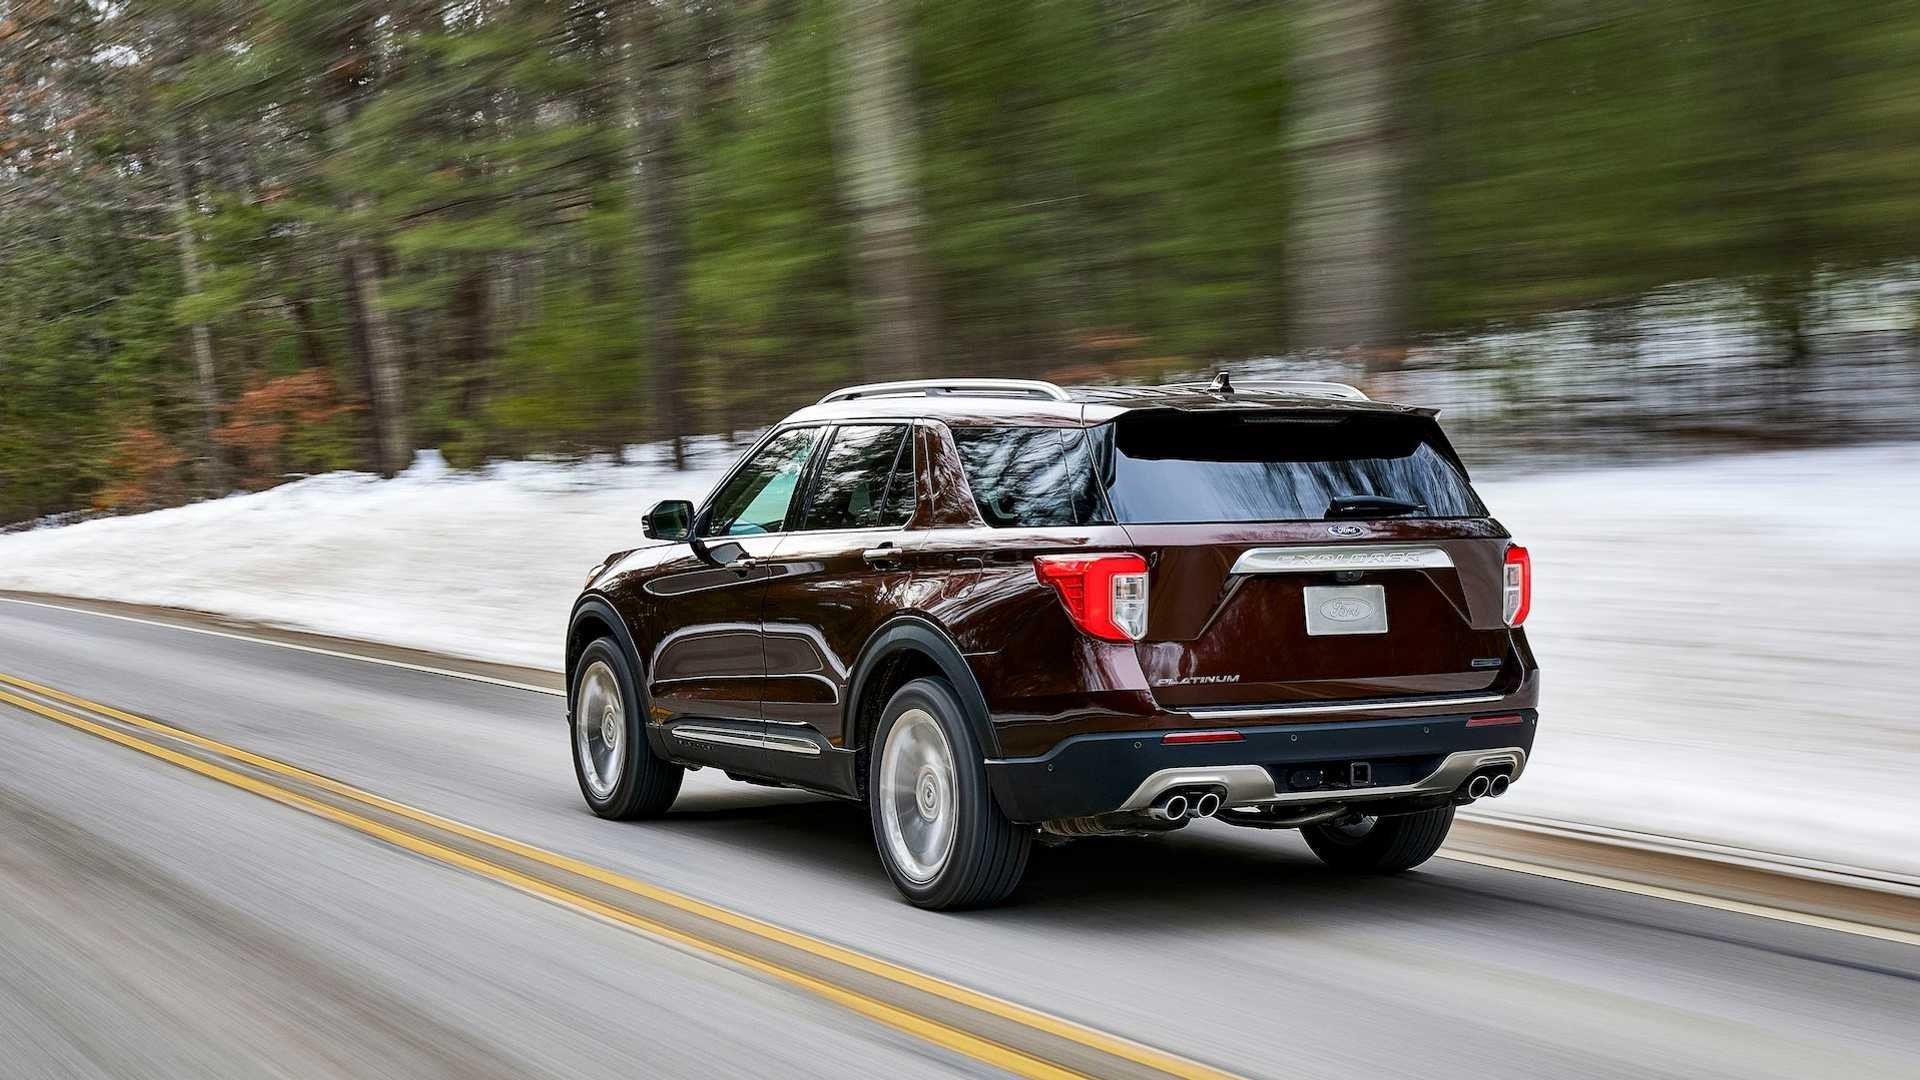 Ford Explorer 2020 lột xác hoàn toàn, giá từ 33.000 USD Ảnh 3